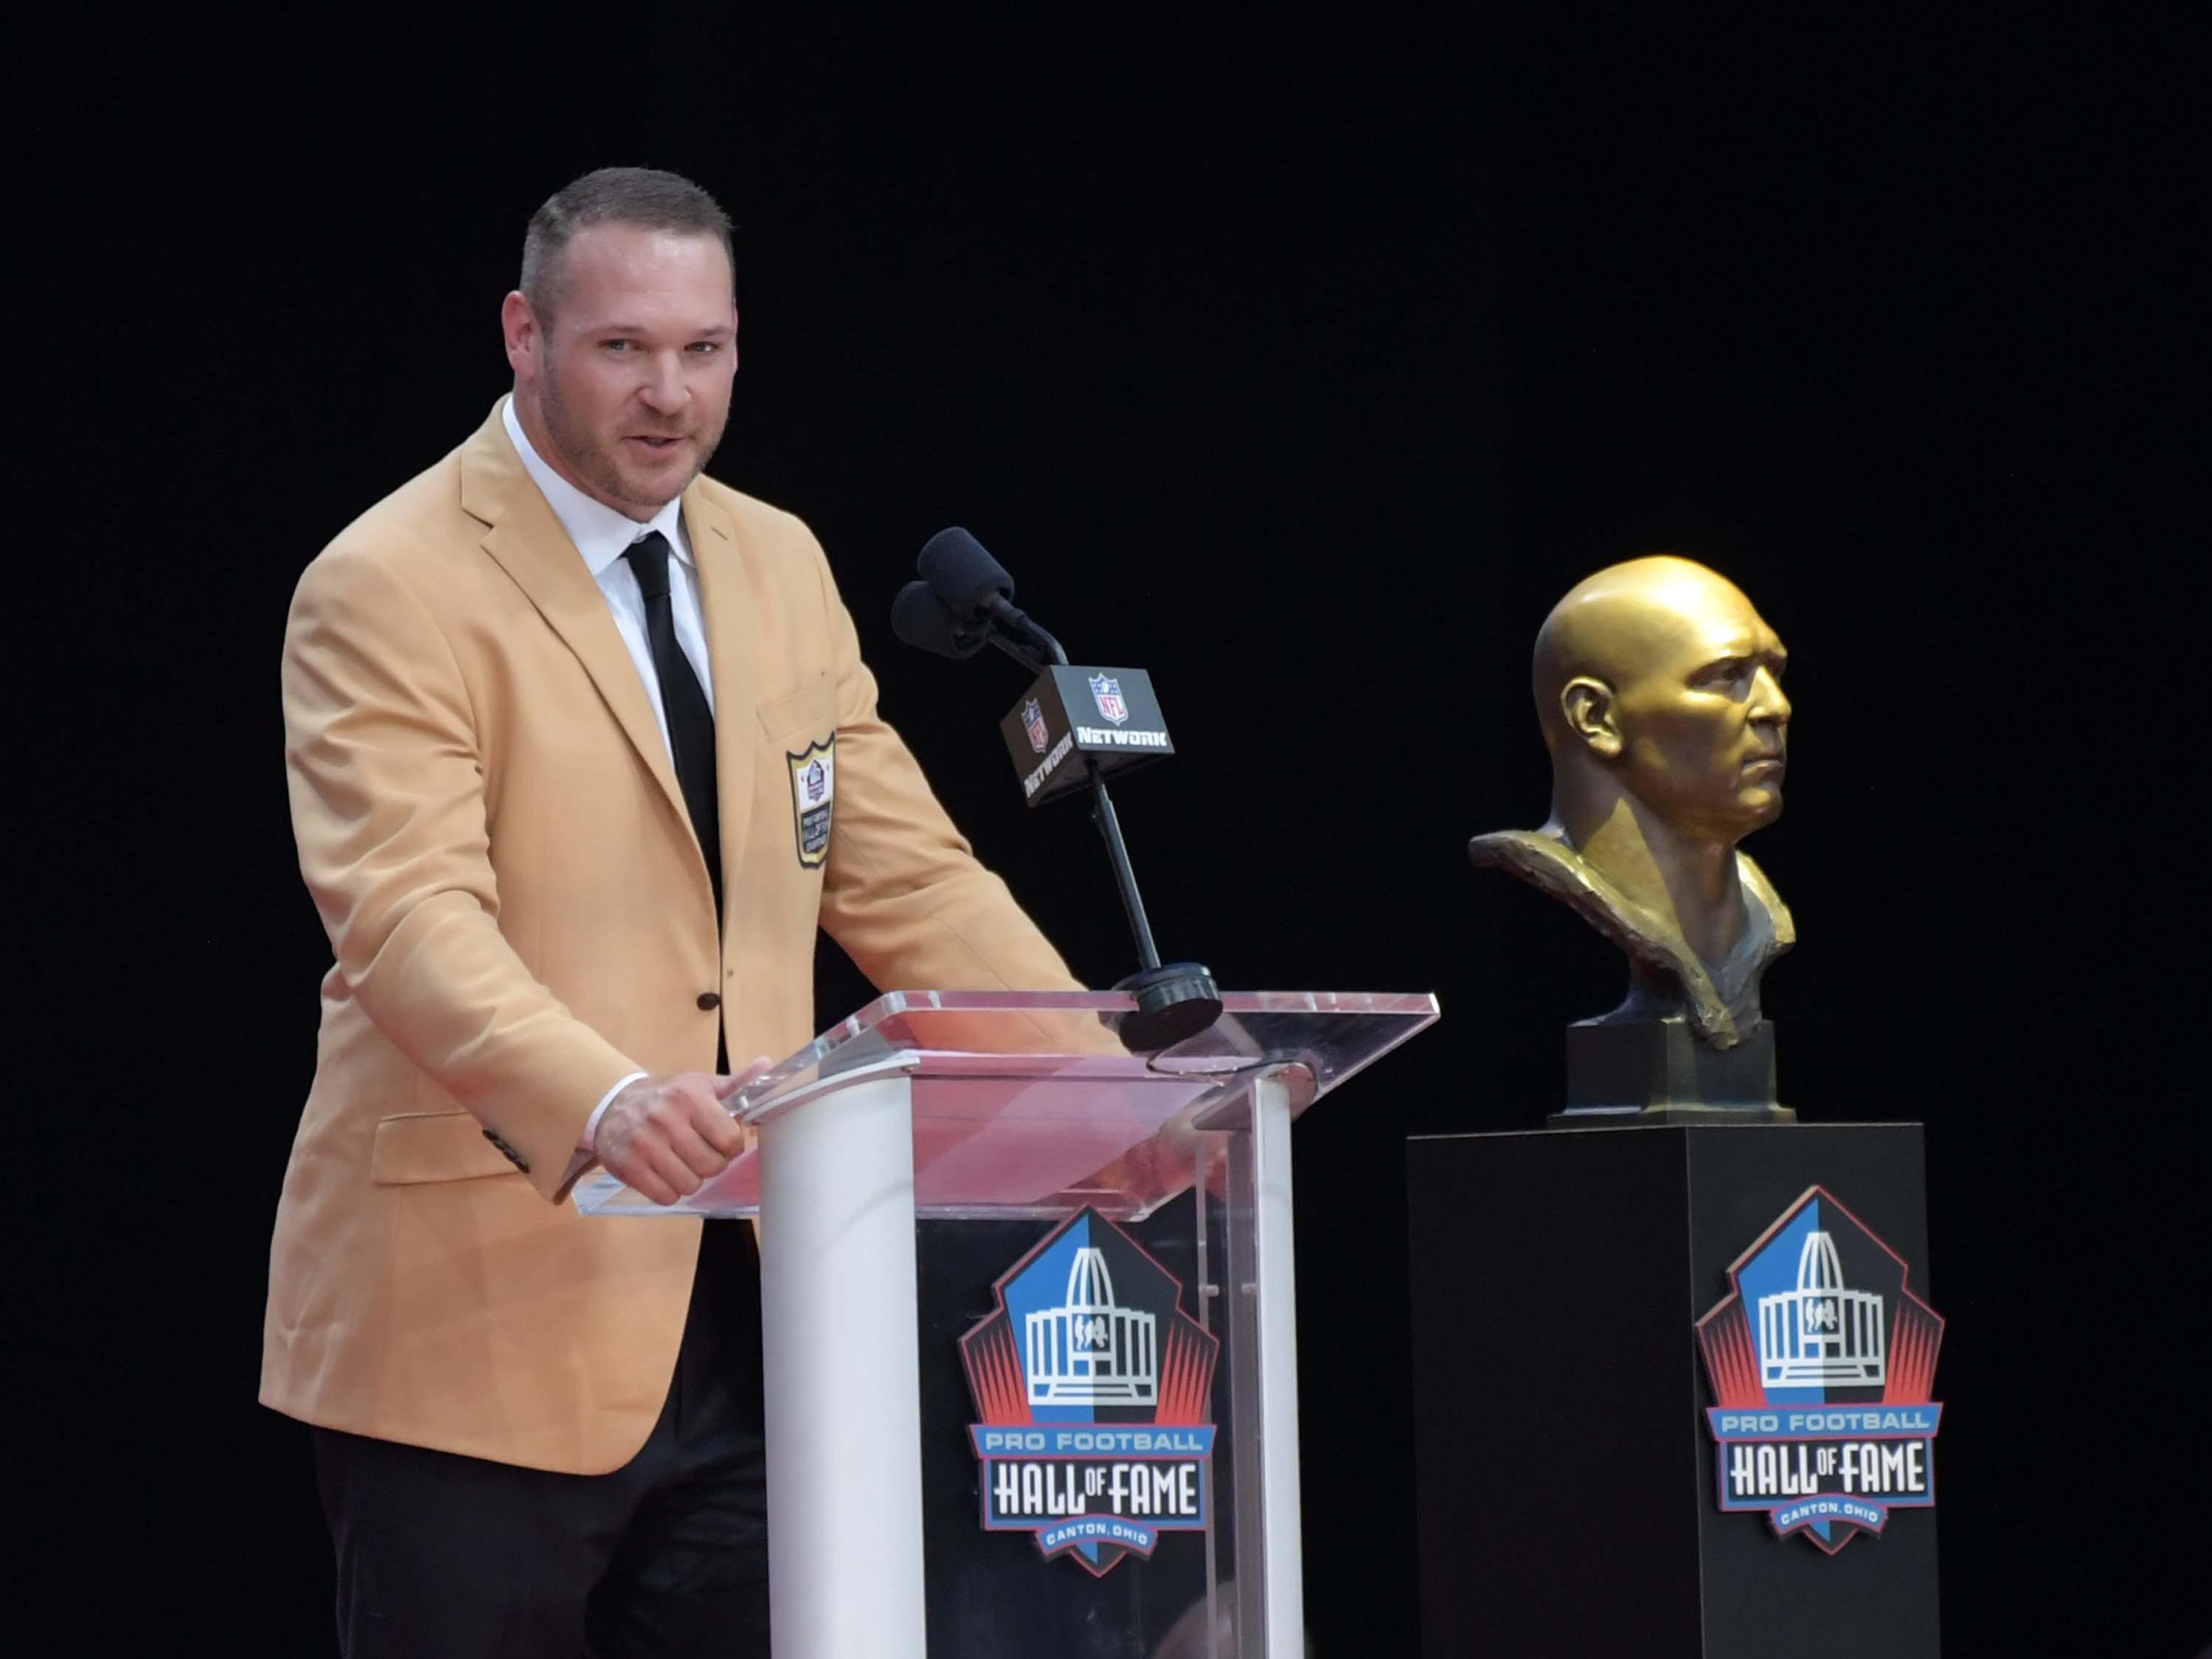 Former Chicago Bears linebacker Brian Urlacher speaks during the Pro Football Hall of Fame Enshrinement Ceremony at Tom Bensen Stadium.